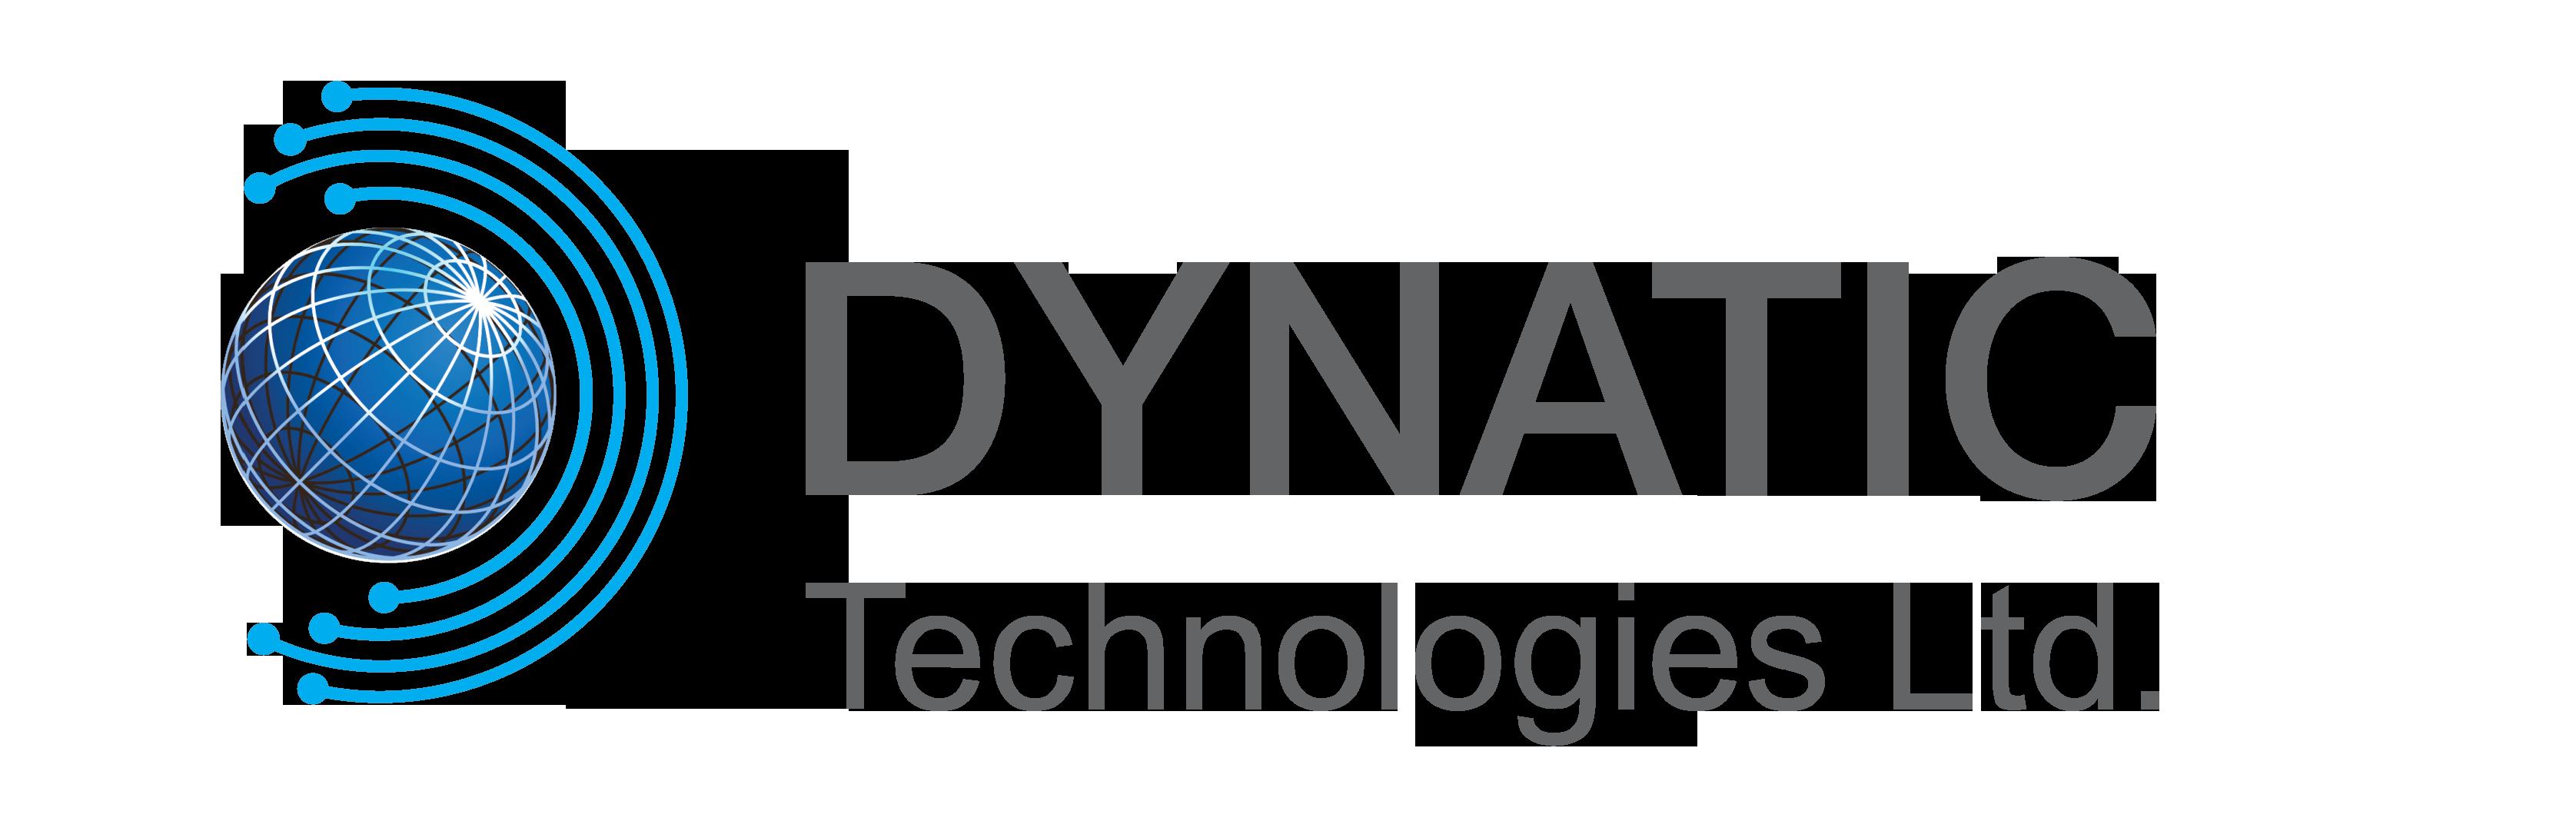 Dynatic Systems